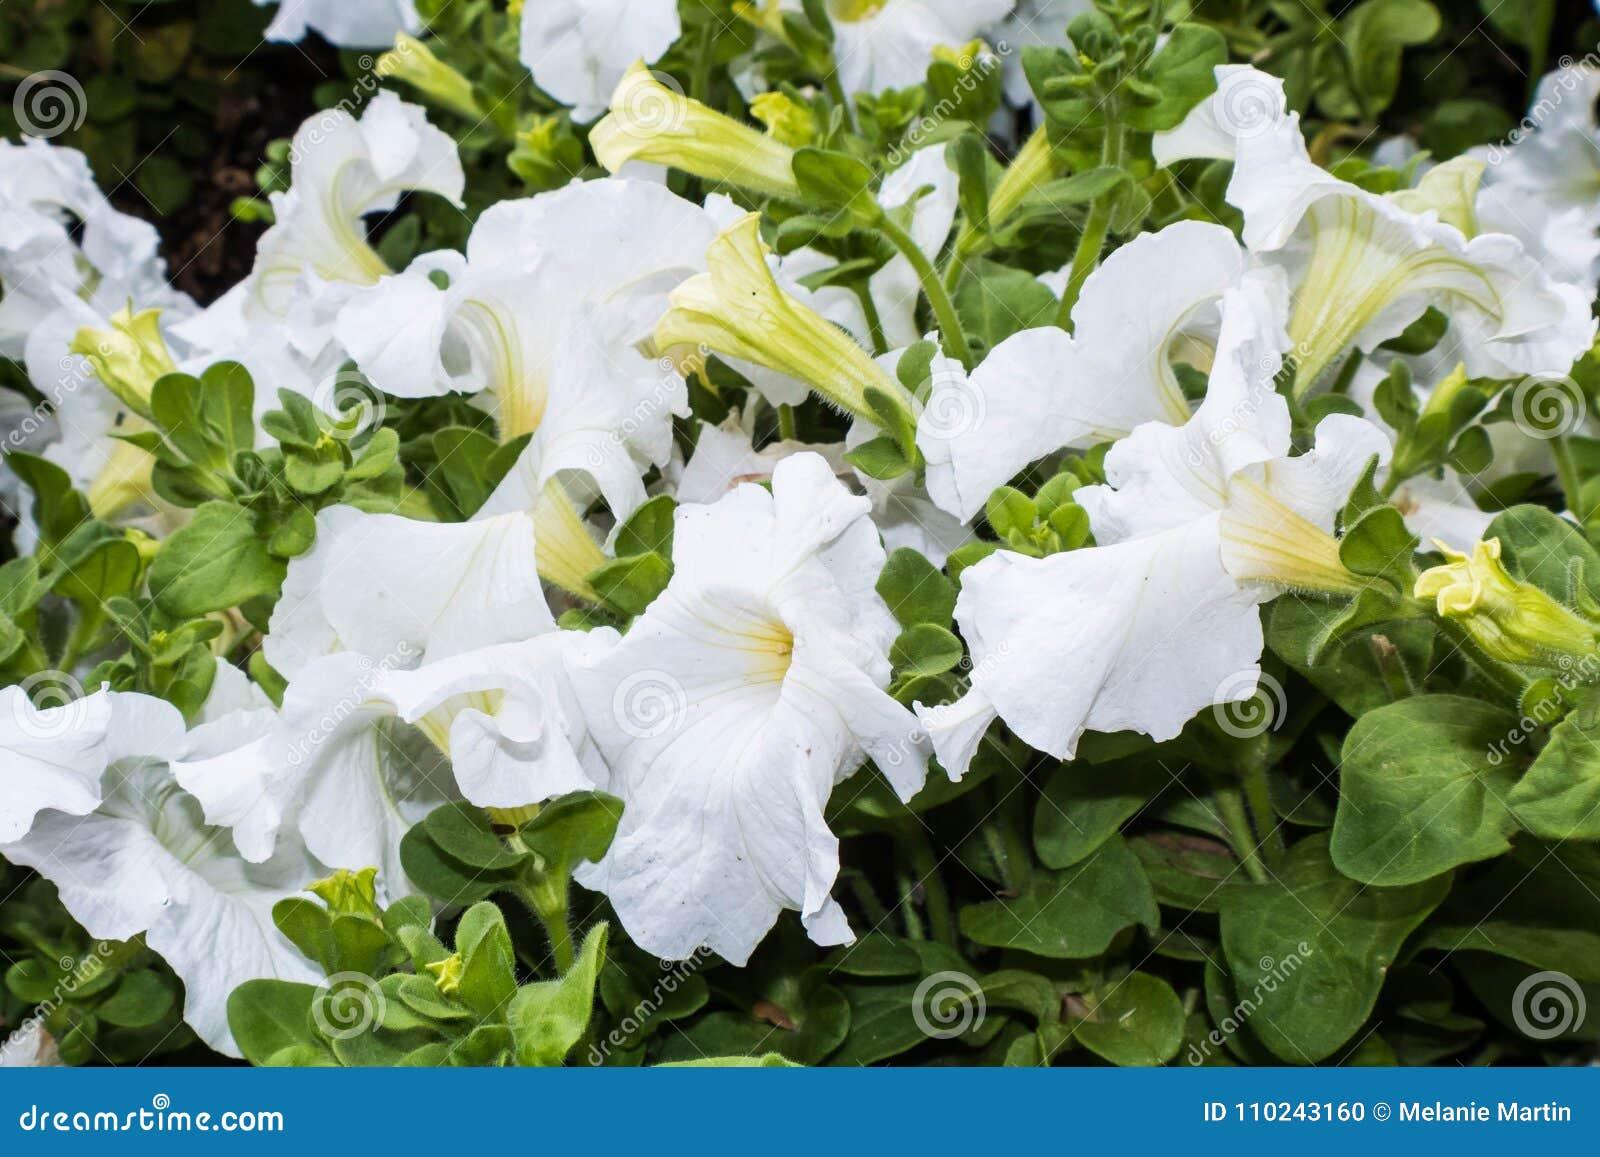 Heldere witte trompetbloemen met groene bladeren